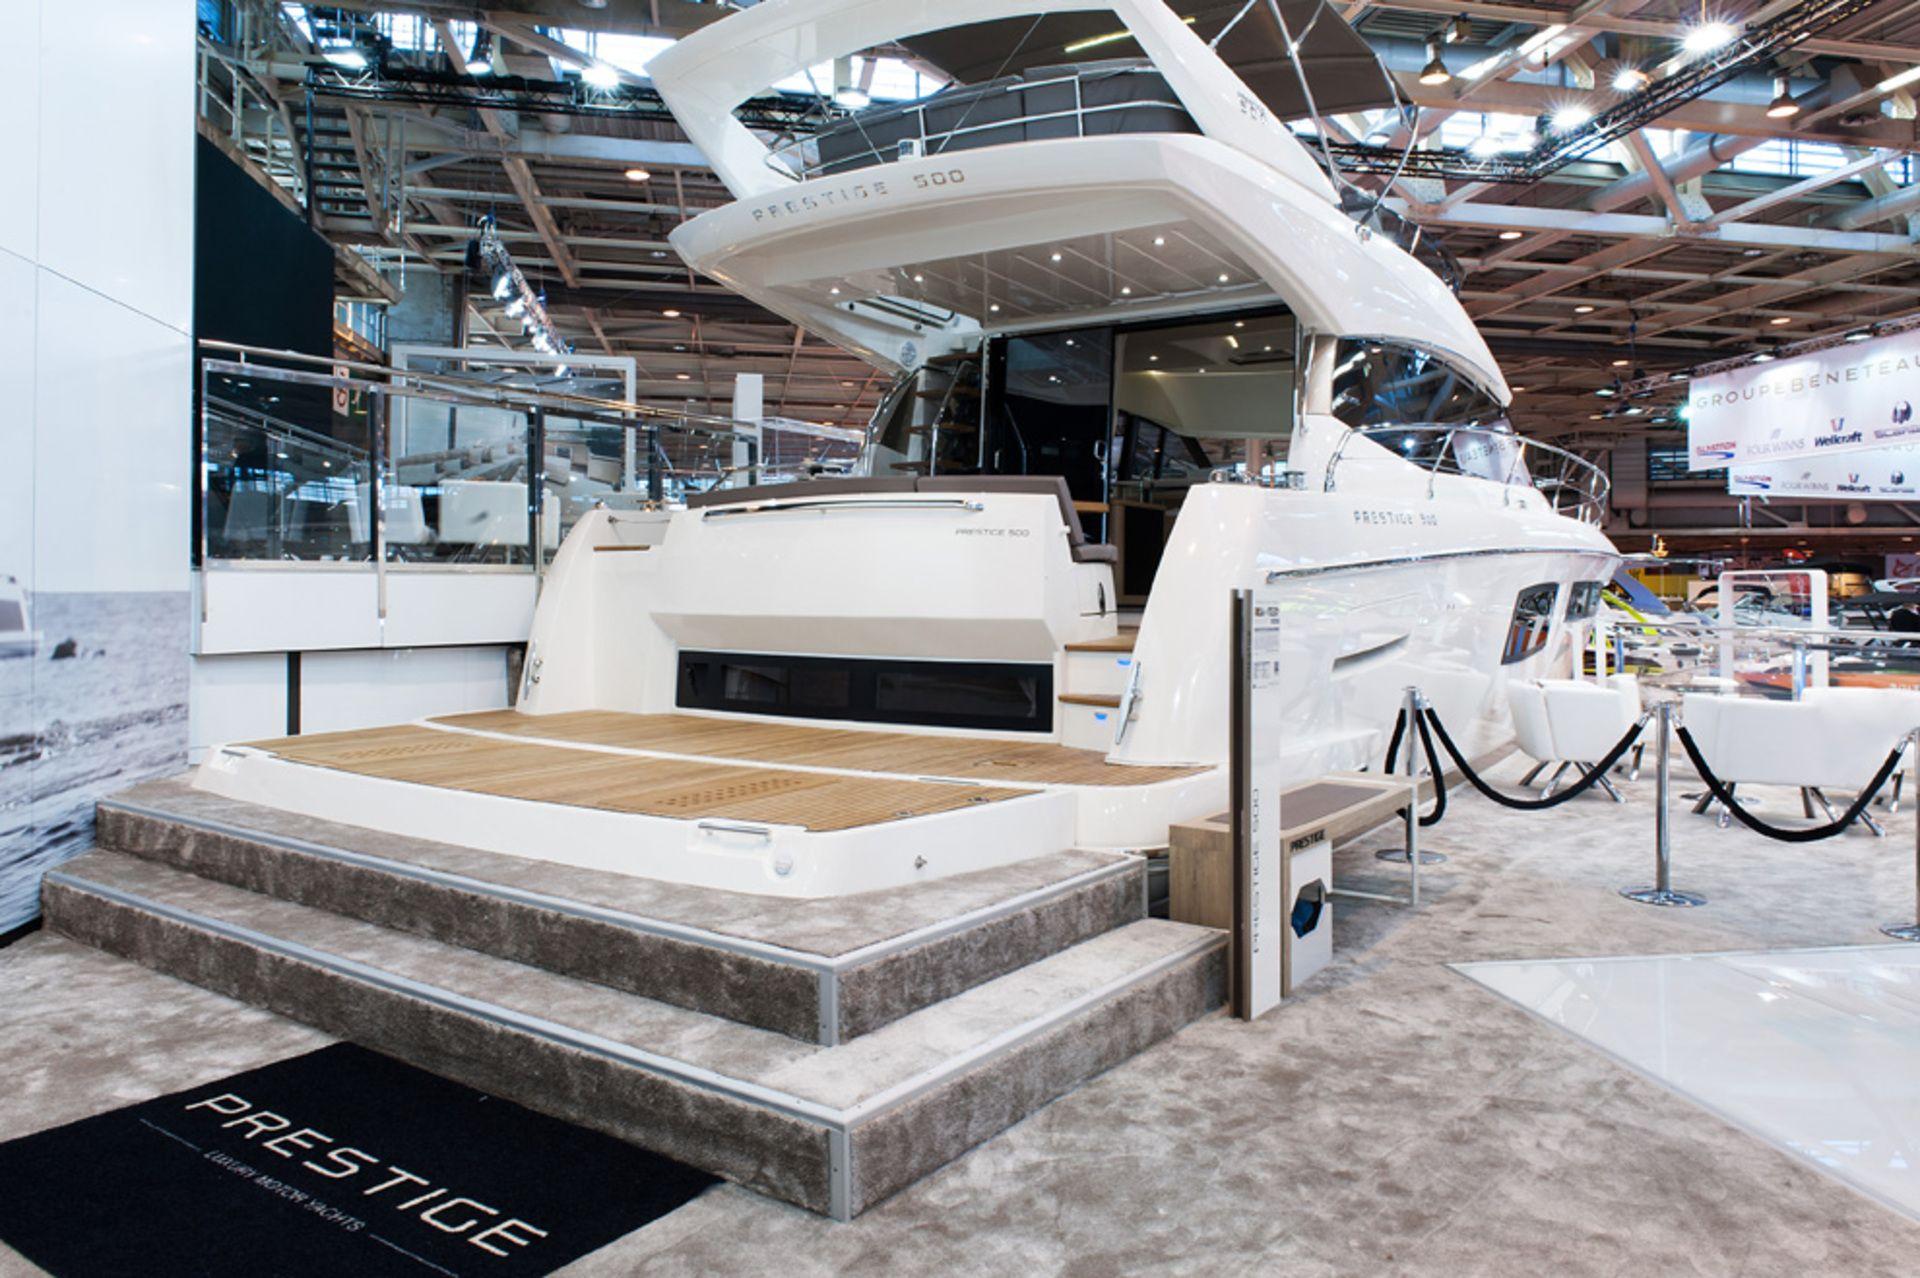 Salon nautique de paris france for Salons nautiques